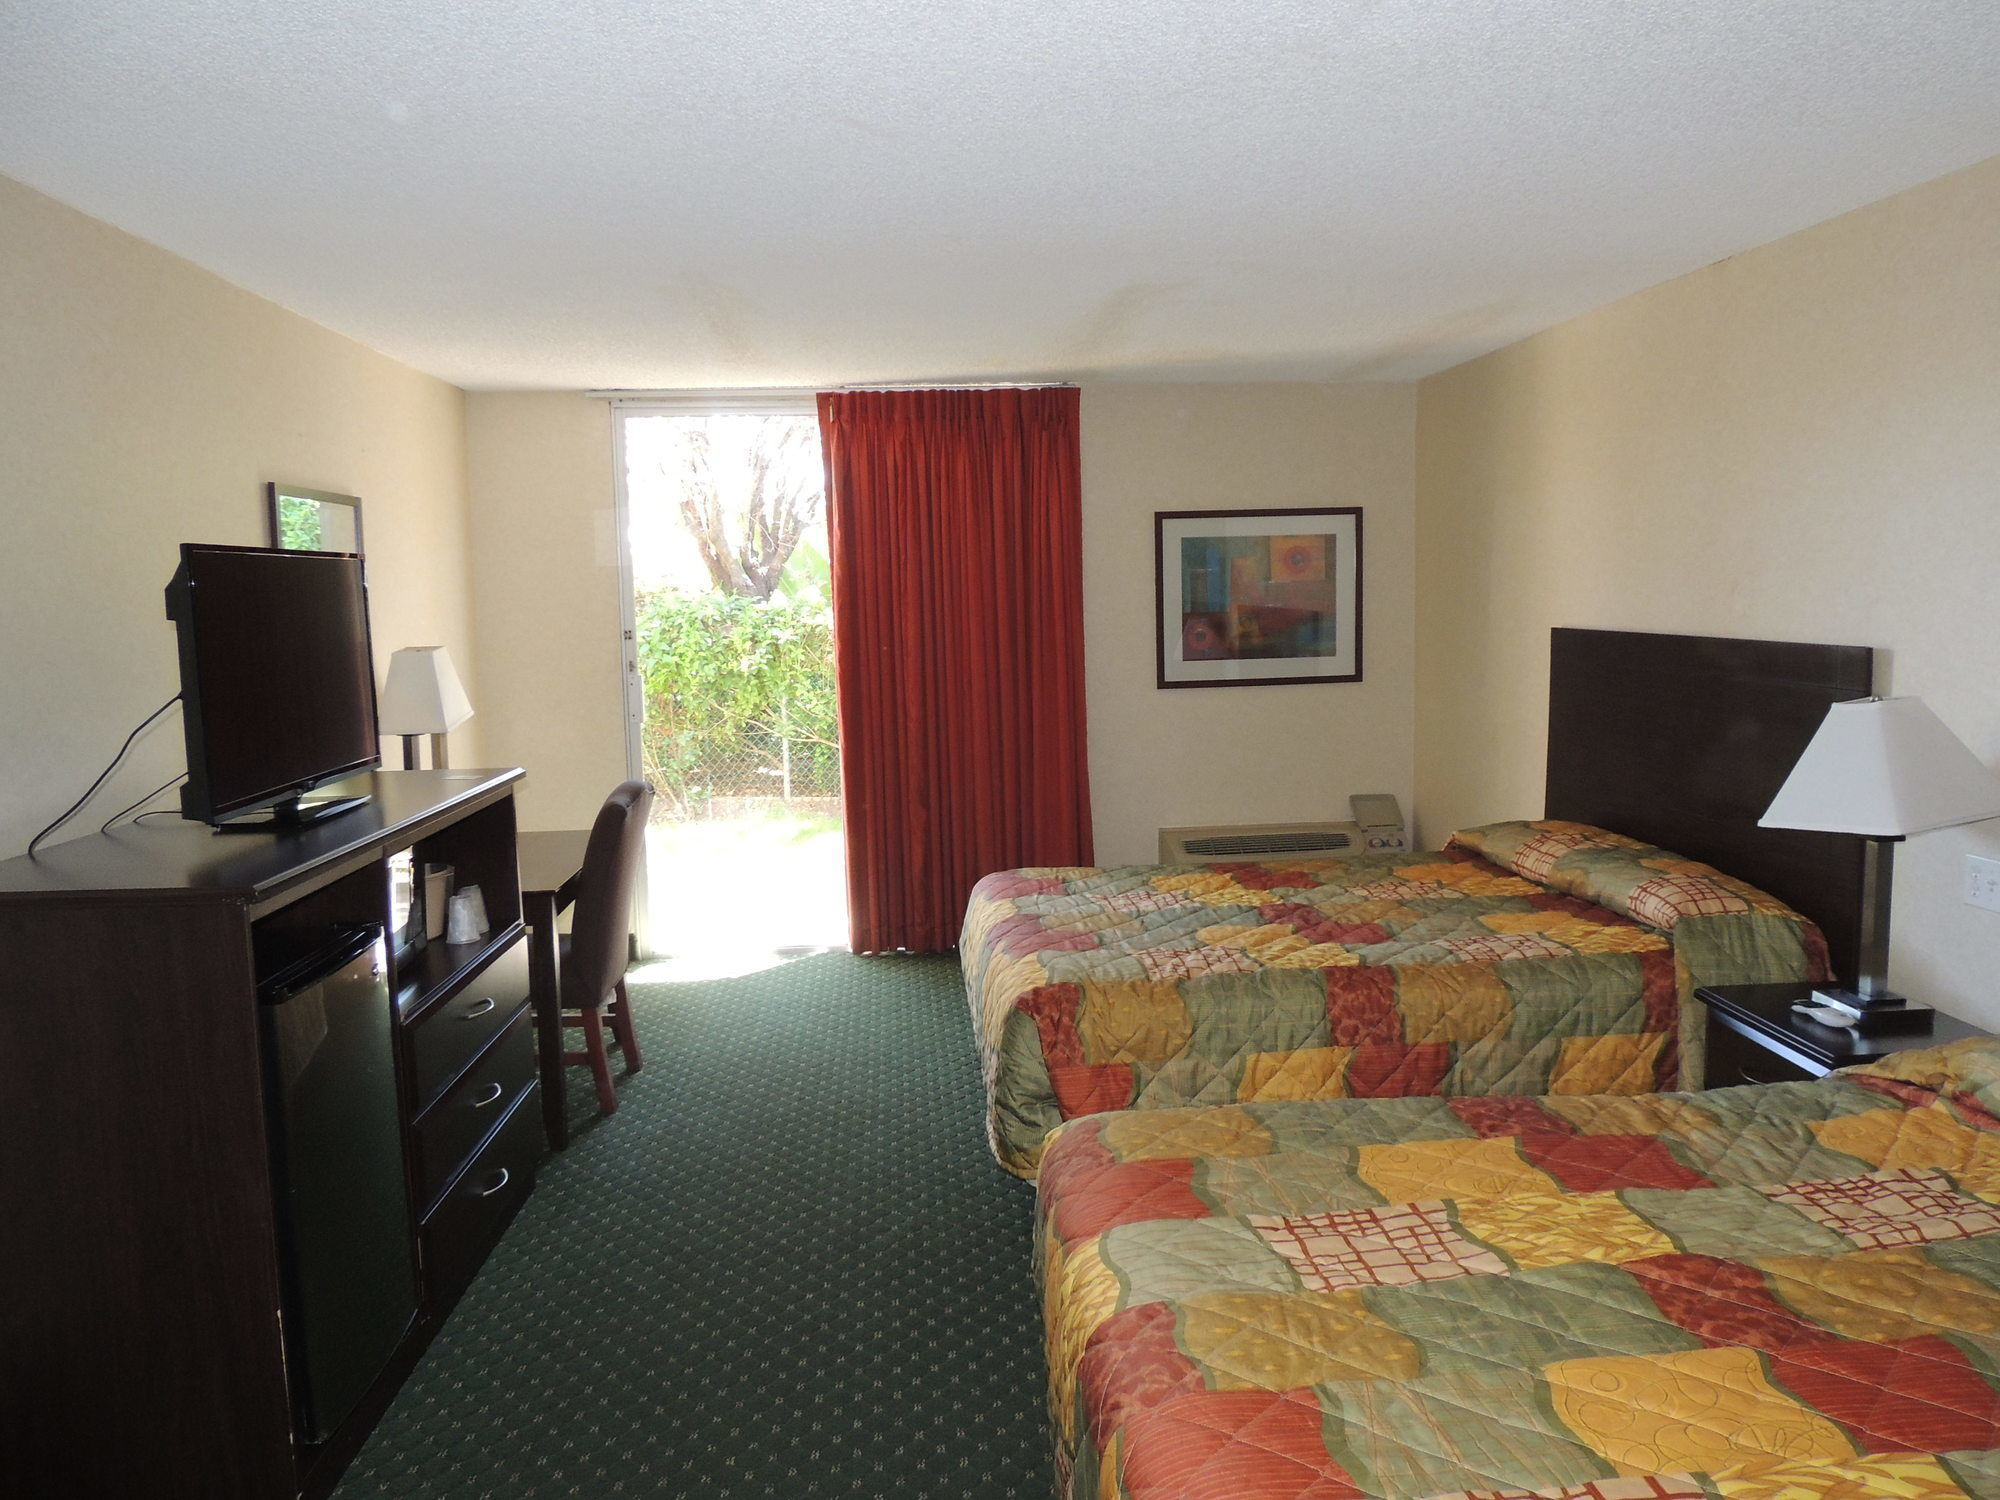 ... CA Rose Garden Inn San Luis Obispo In San Luis Obispo, ...